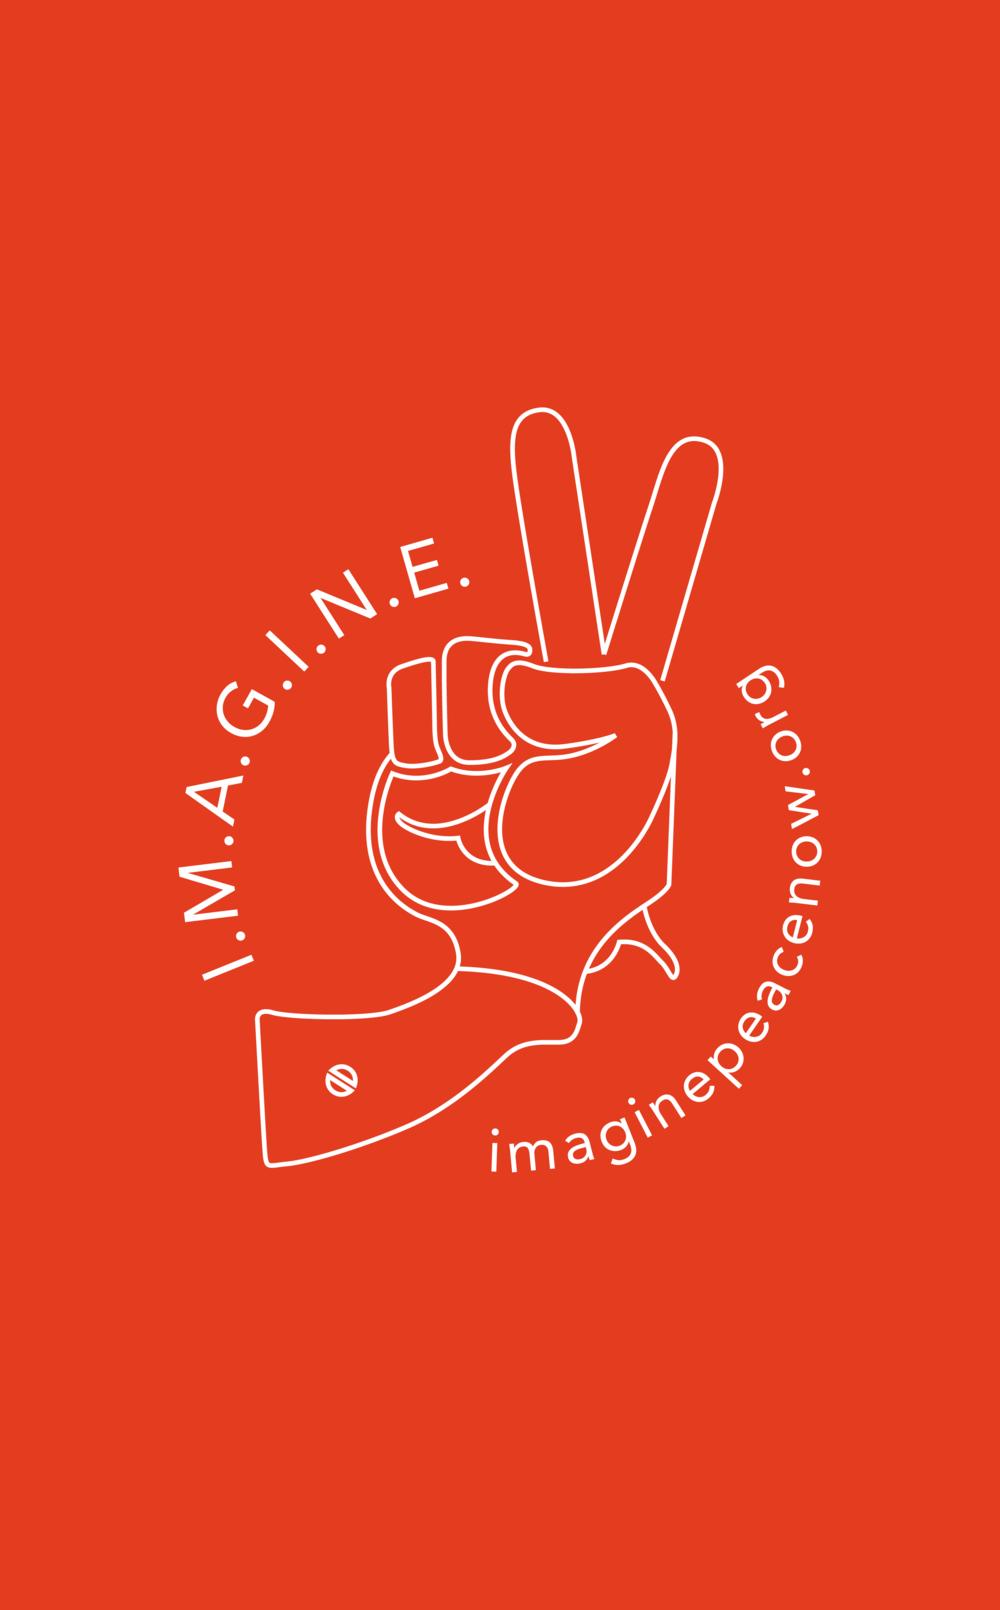 ipn_logo.png